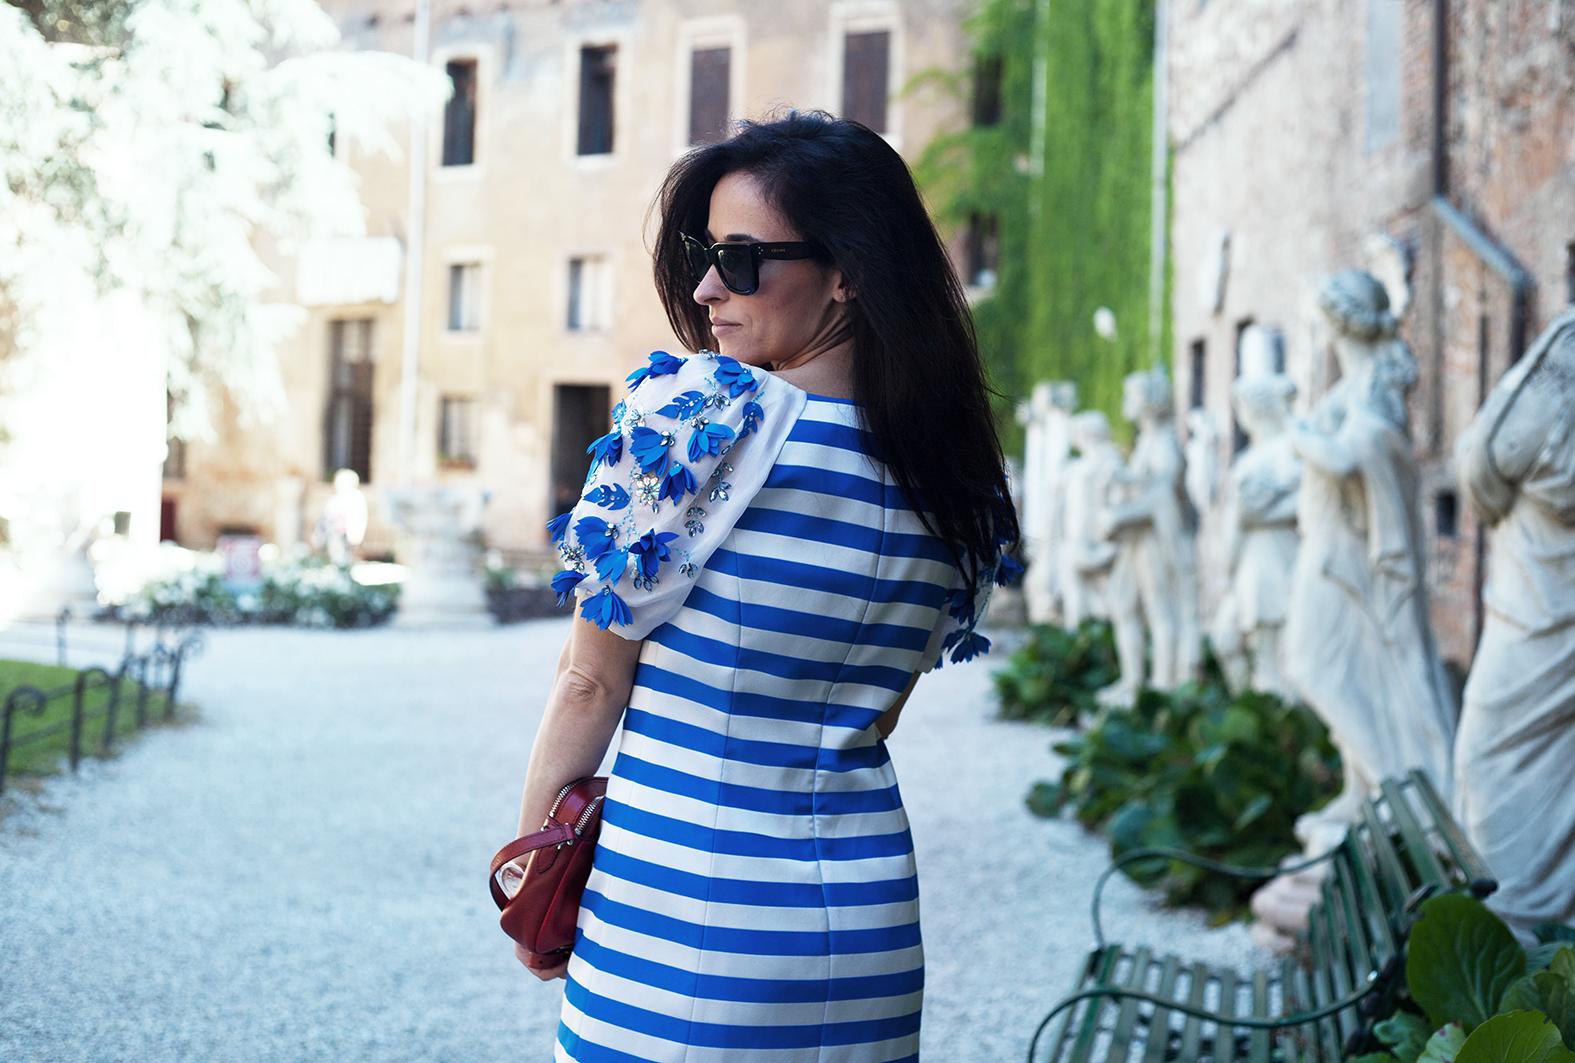 alessia-canella-blogger-vestito-righe-maria-grazia-severi